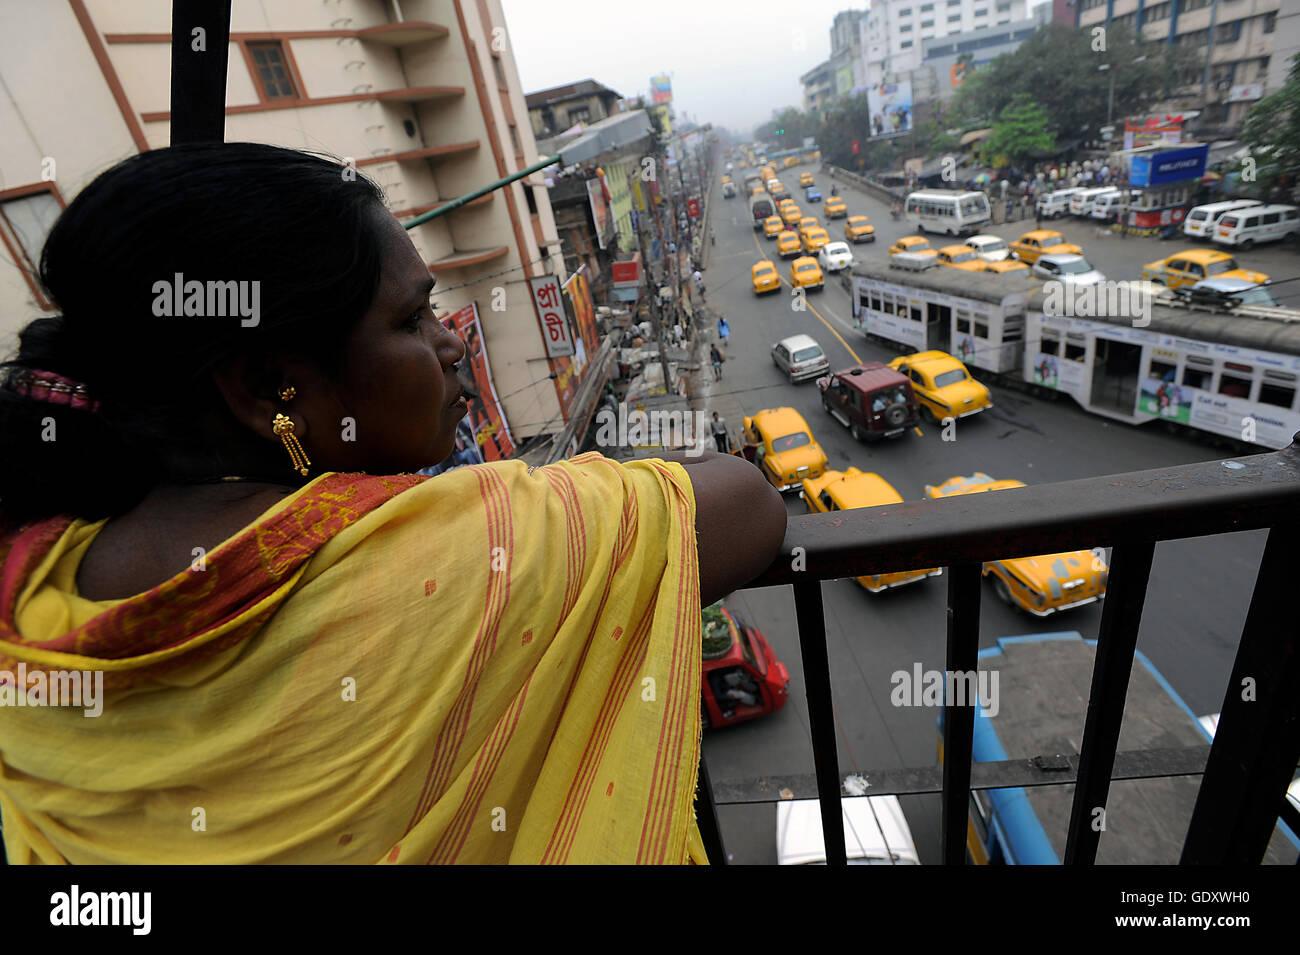 INDIA. Kolkata. 2011. Street scene - Stock Image